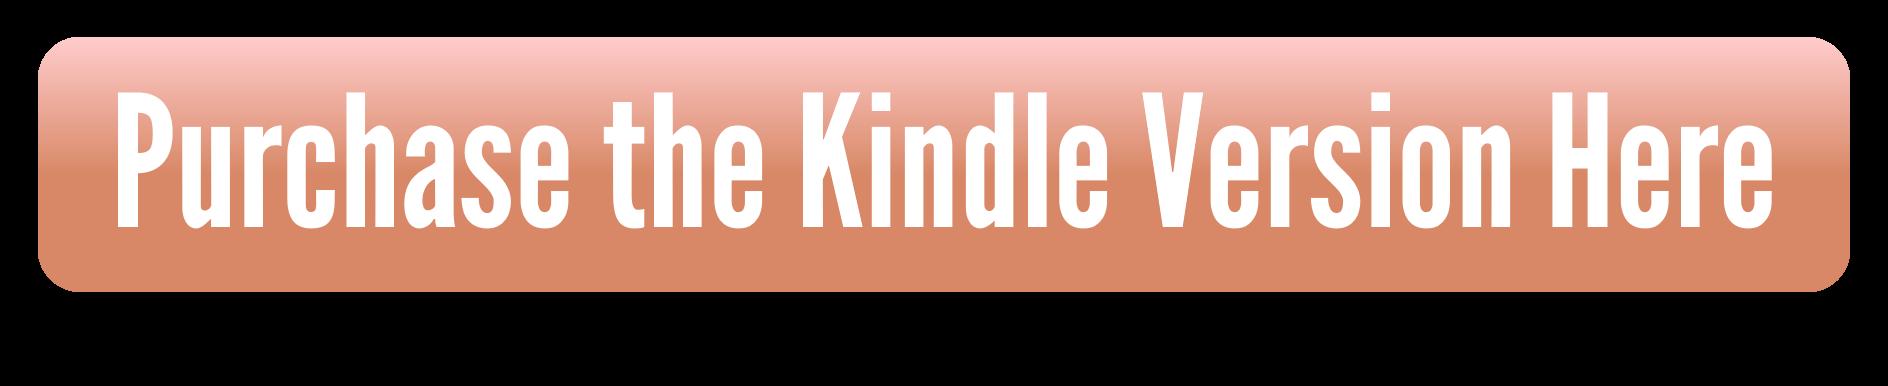 Amazon Kindle Book Link